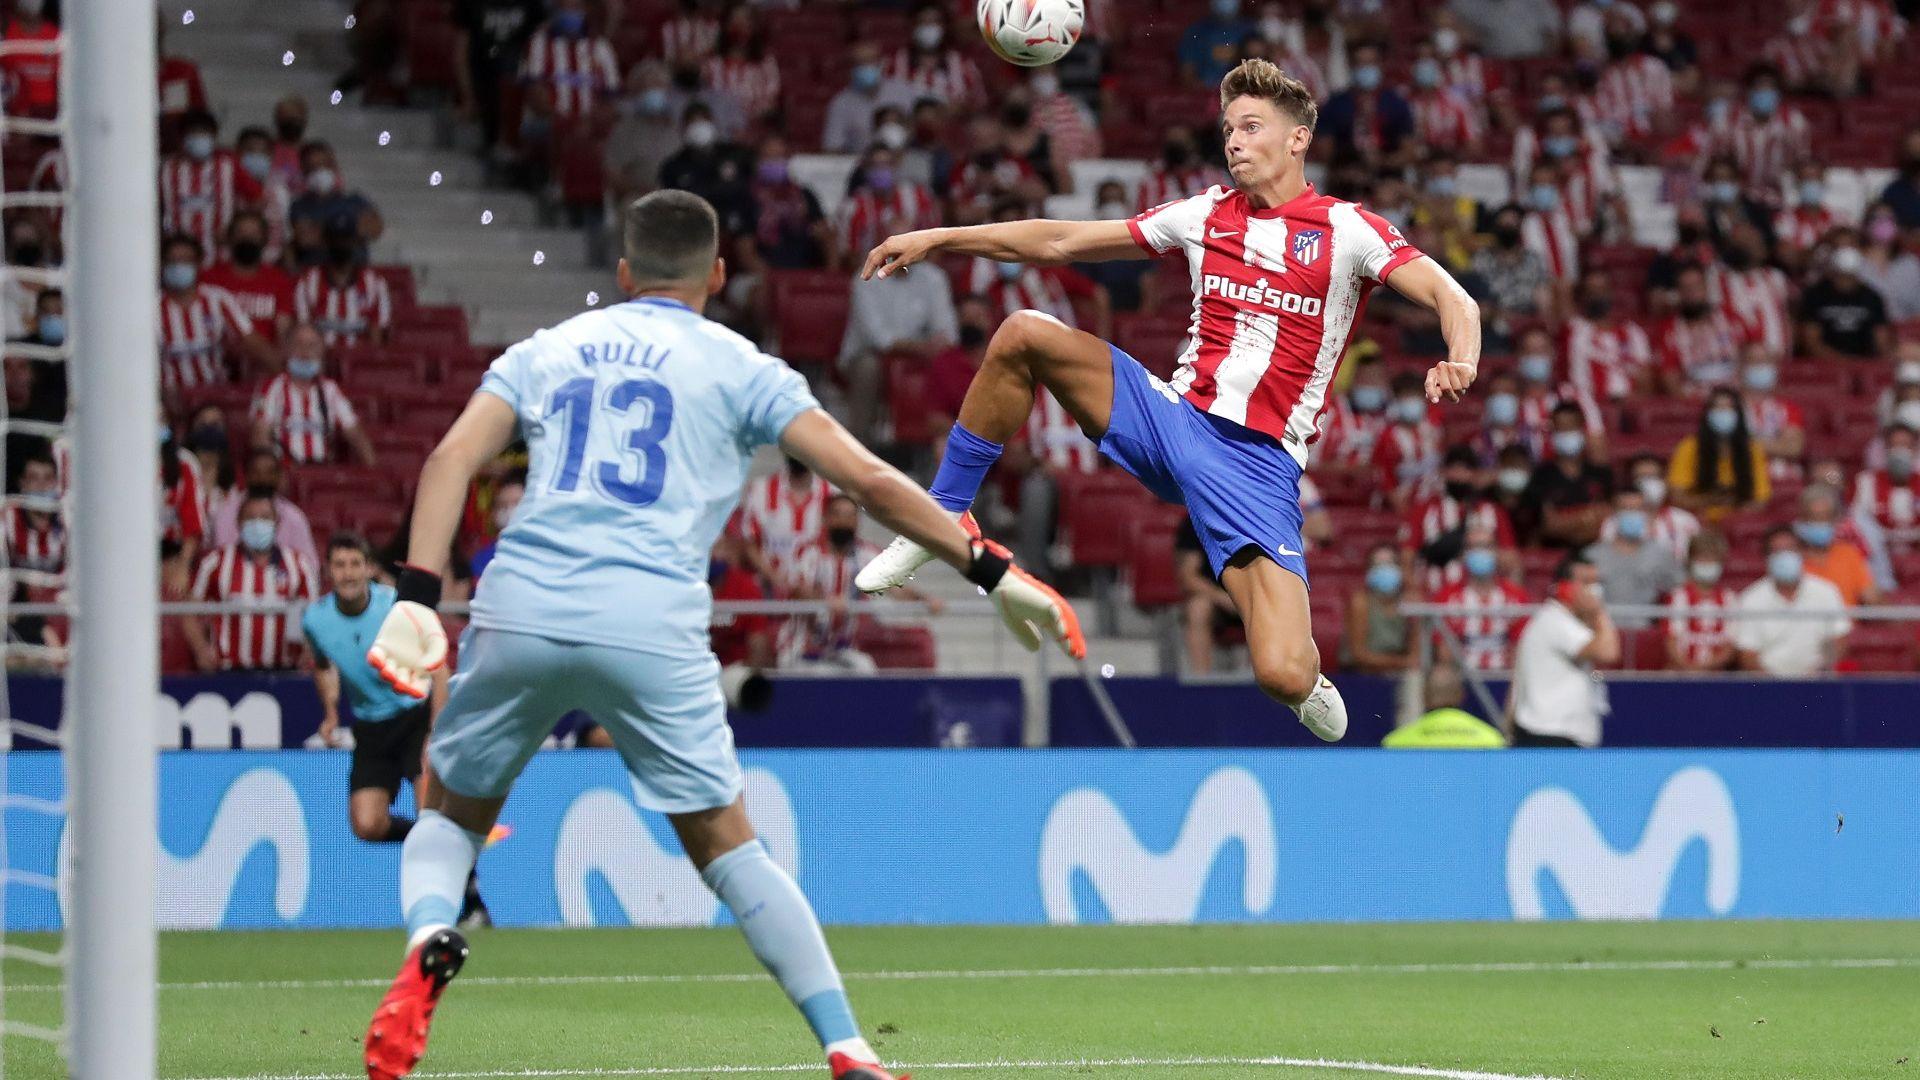 Шампионът Атлетико се спаси след вратарски гаф в края (oбзор)